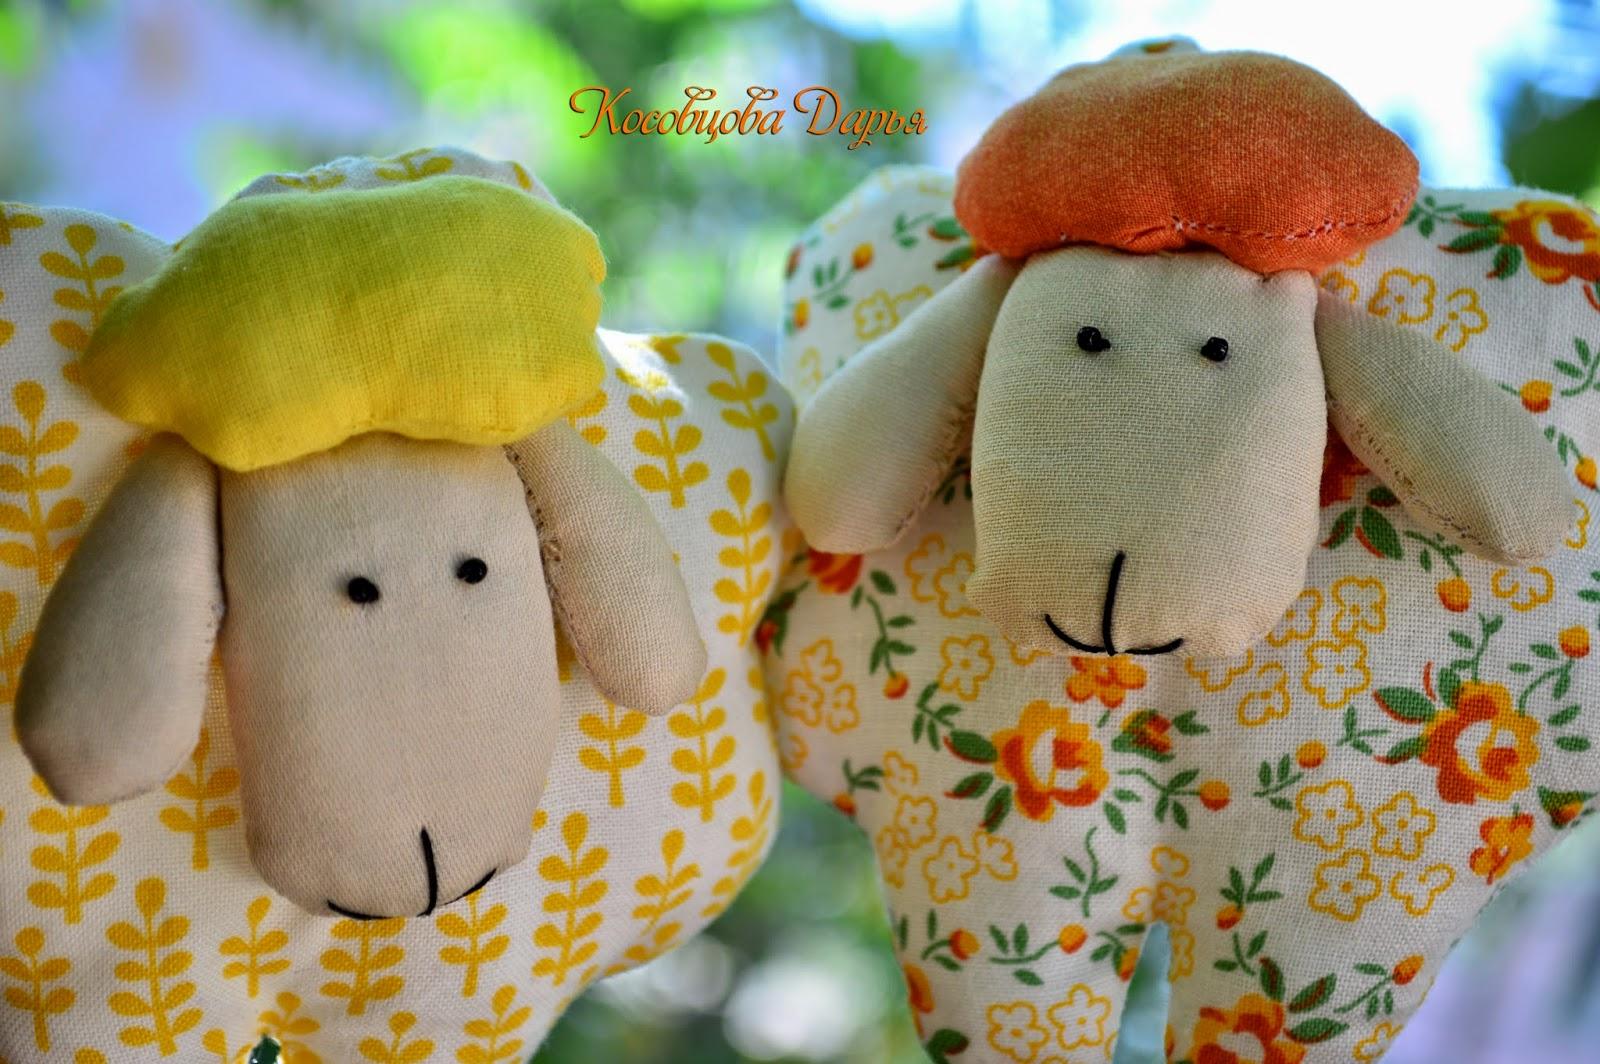 игрушка ручной работы, подарки на день рождения, игрушки для детей, купить подарок ручной работы Киев, овечки подружки